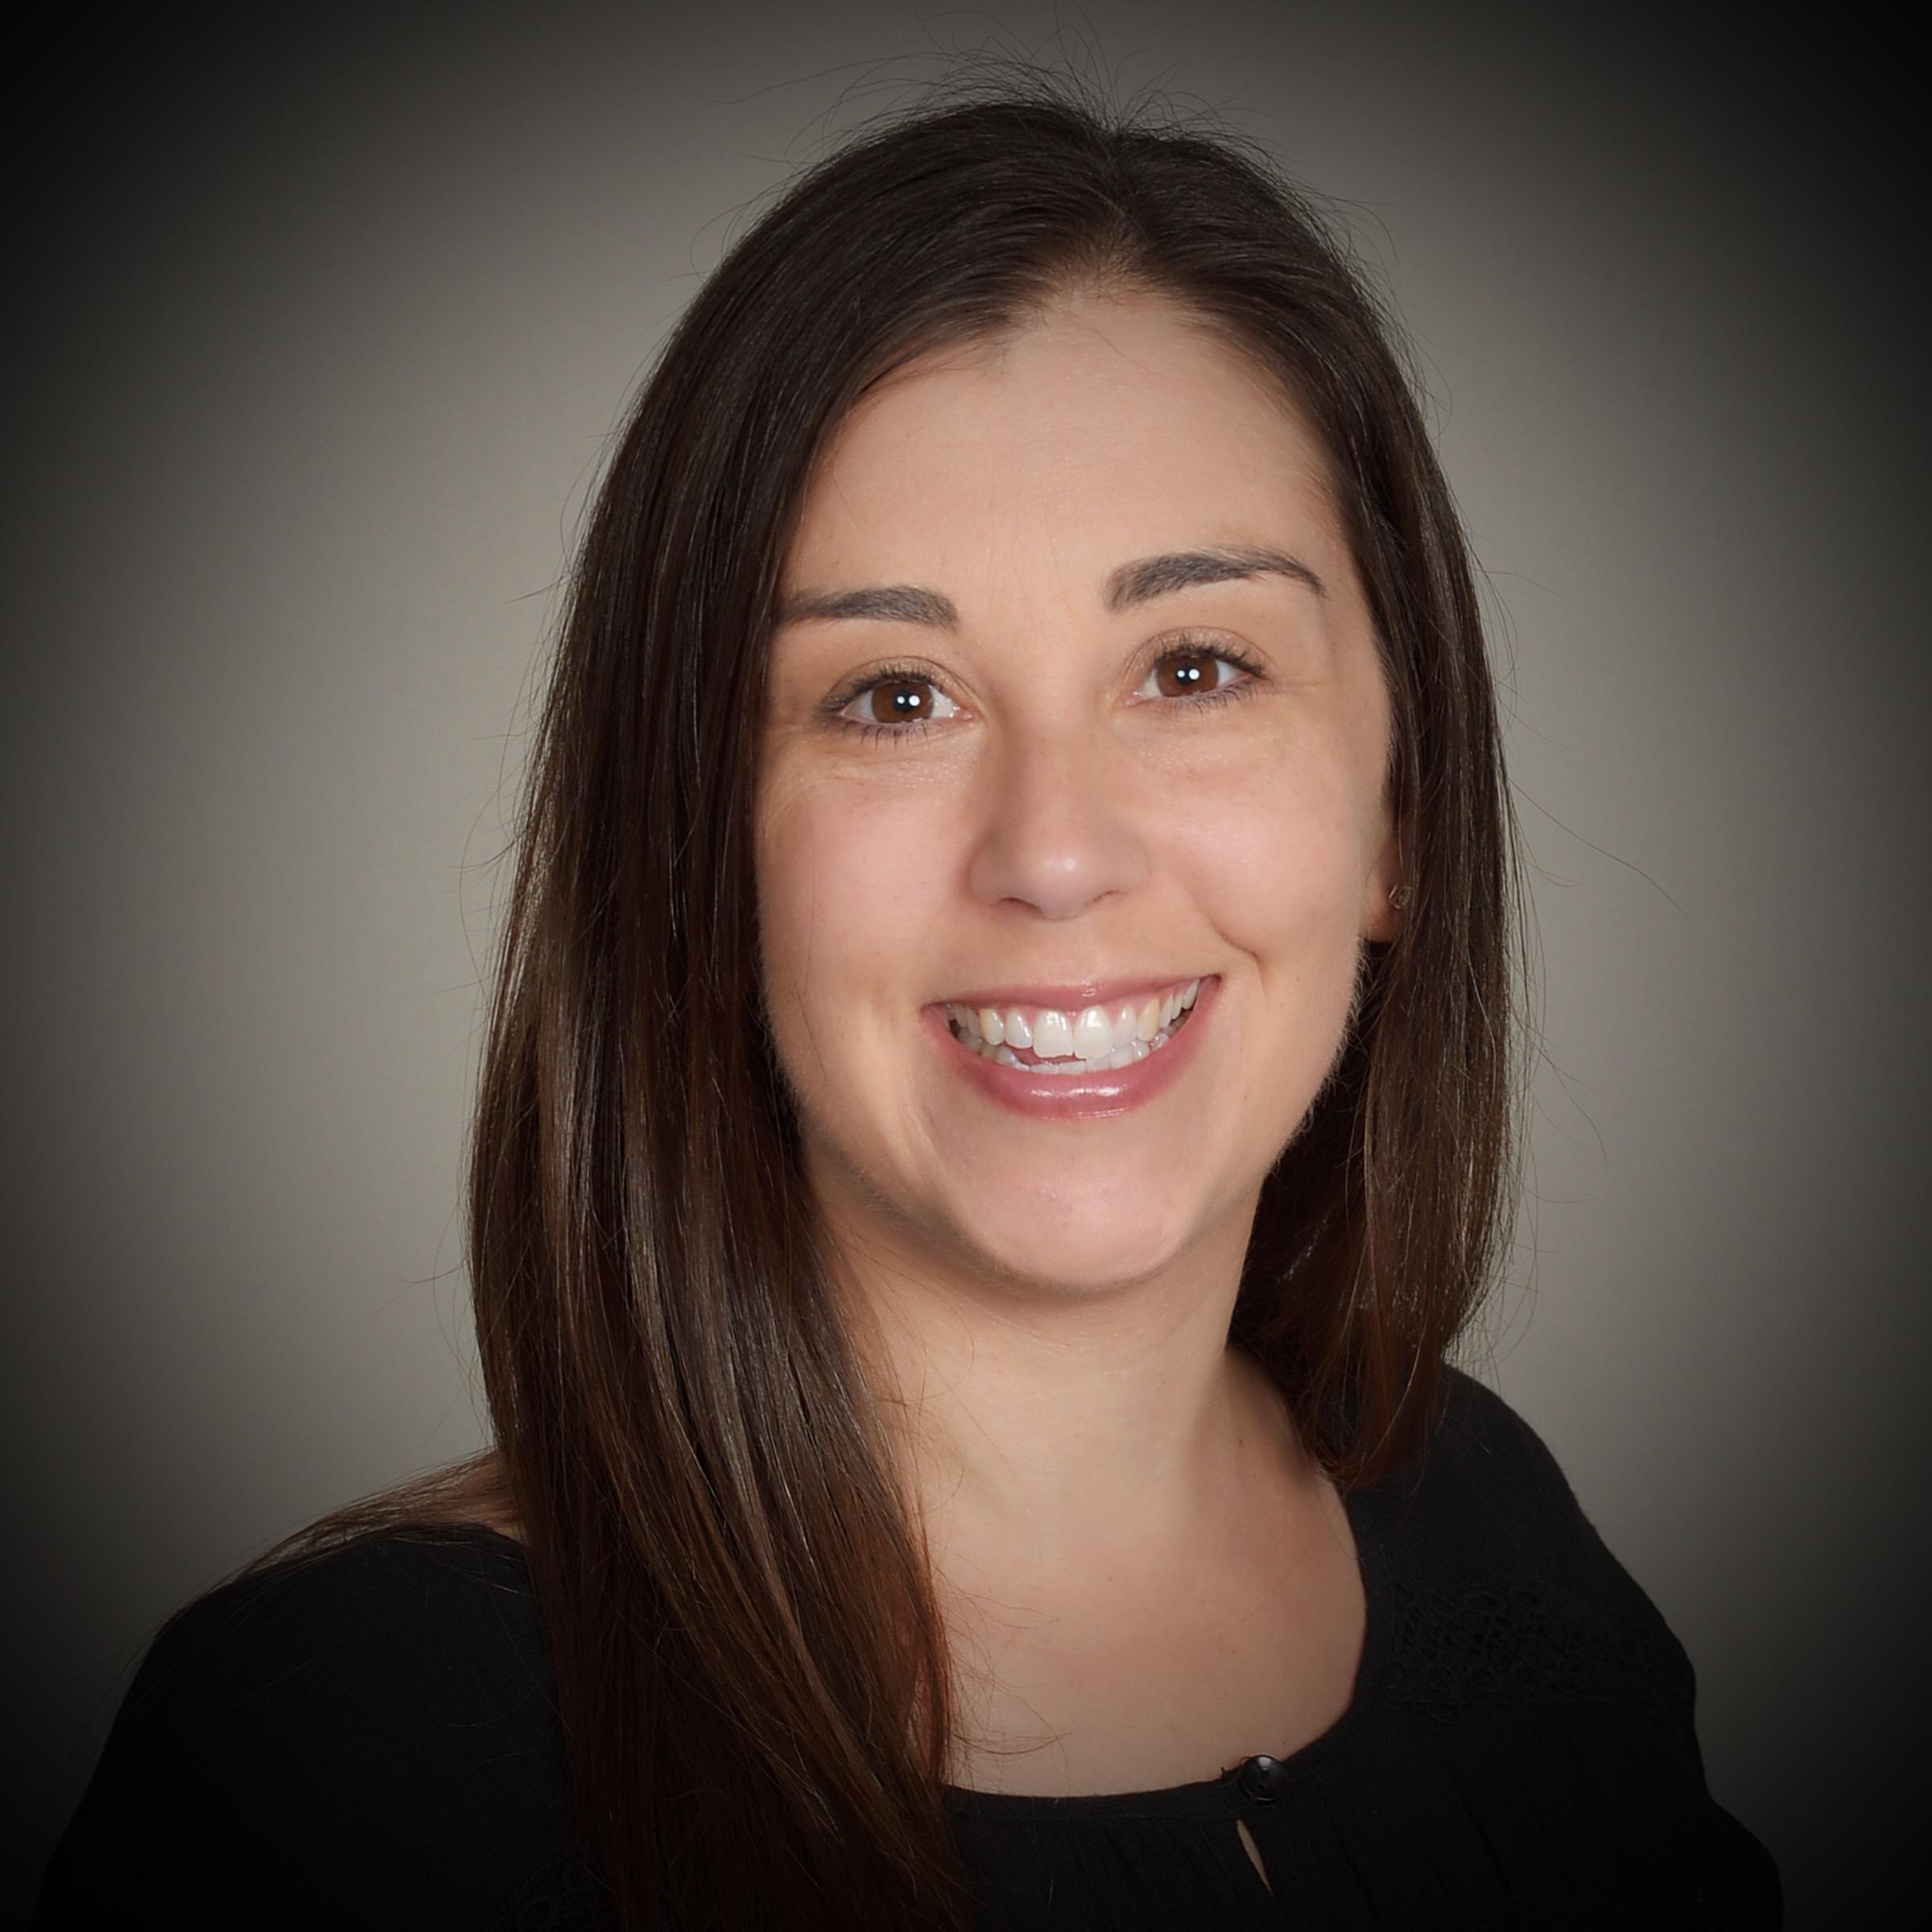 Kimberly Zevallos, LMFT